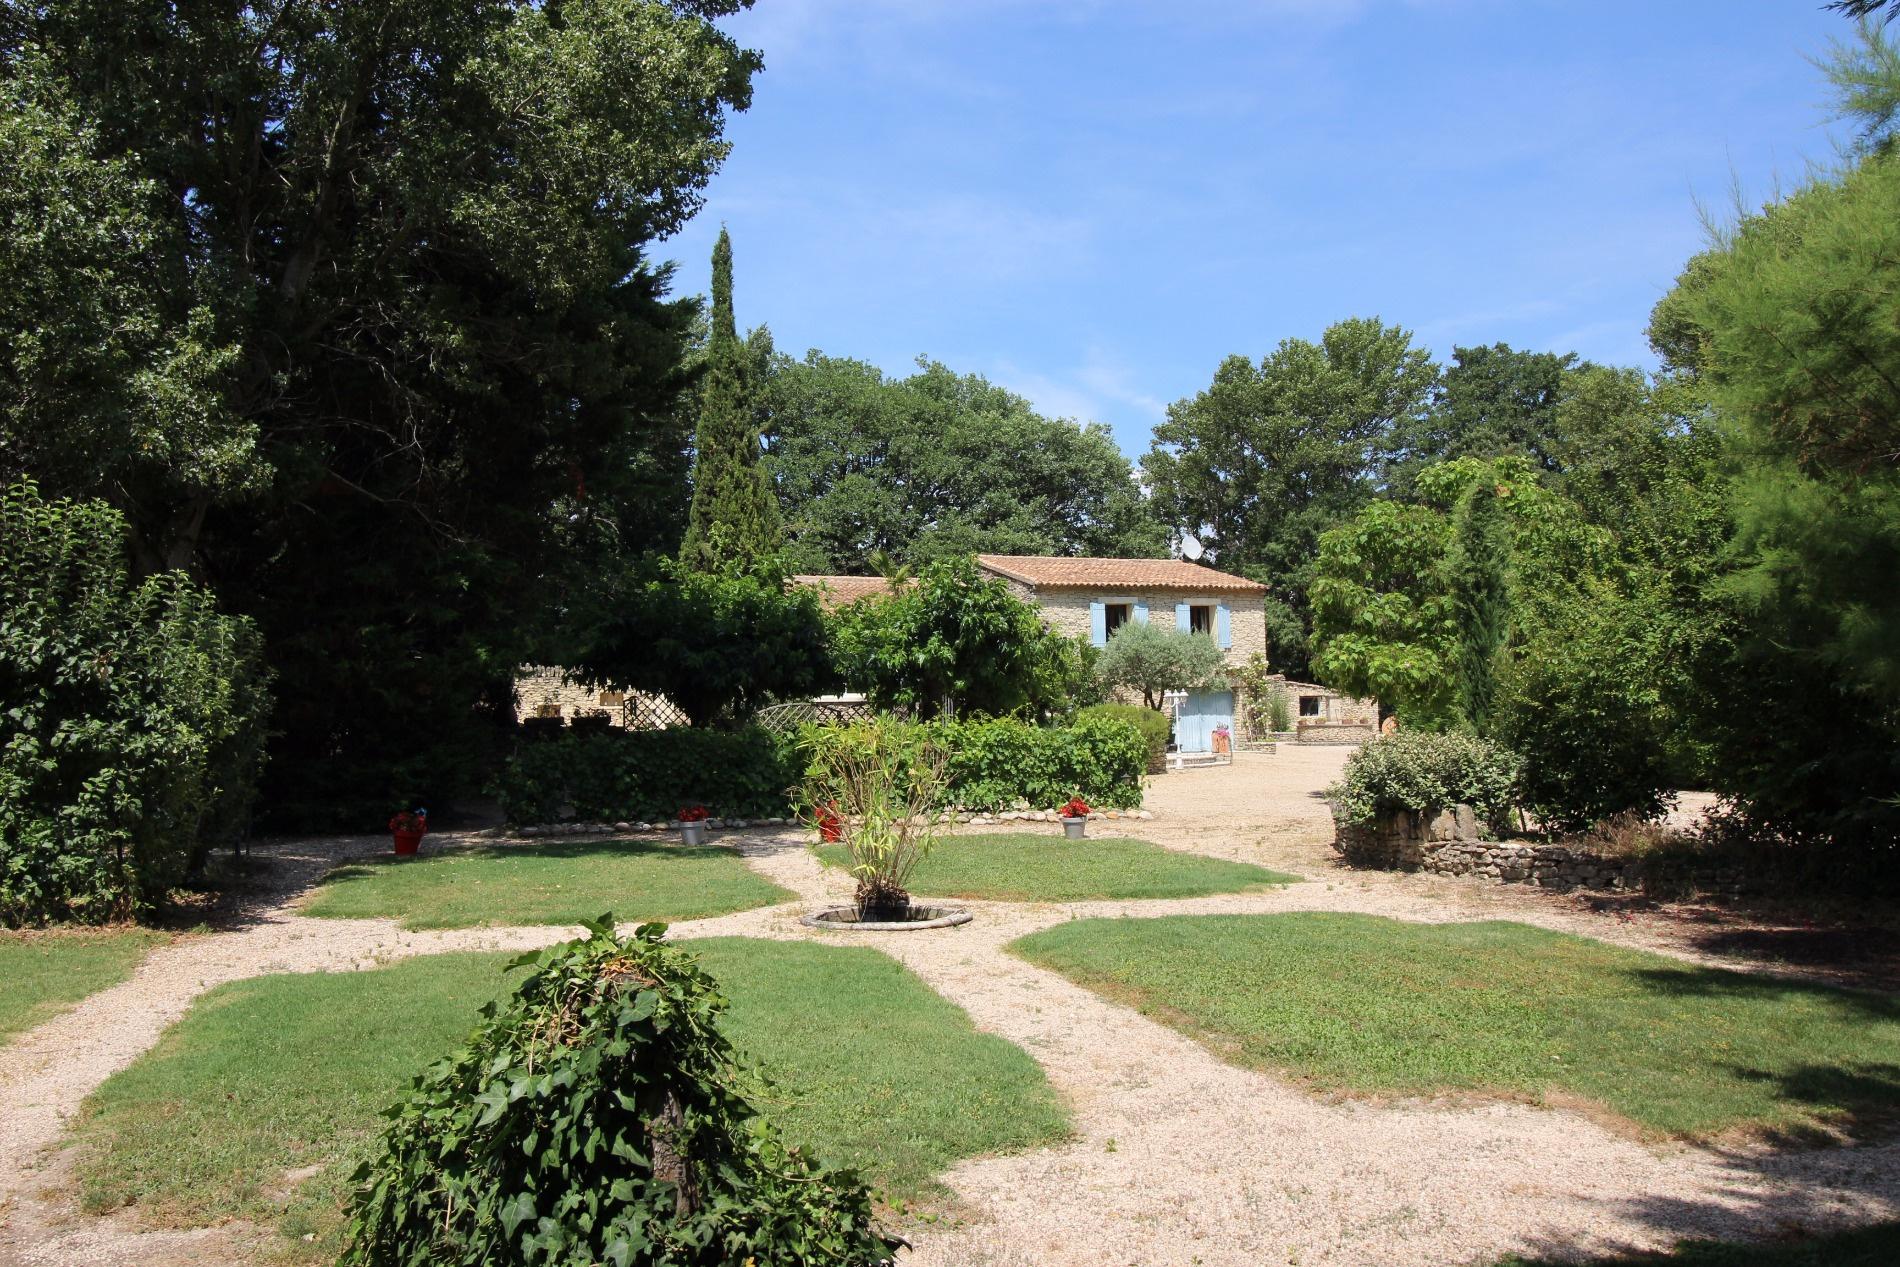 Vente maison/villa 5 pièces gordes 84220